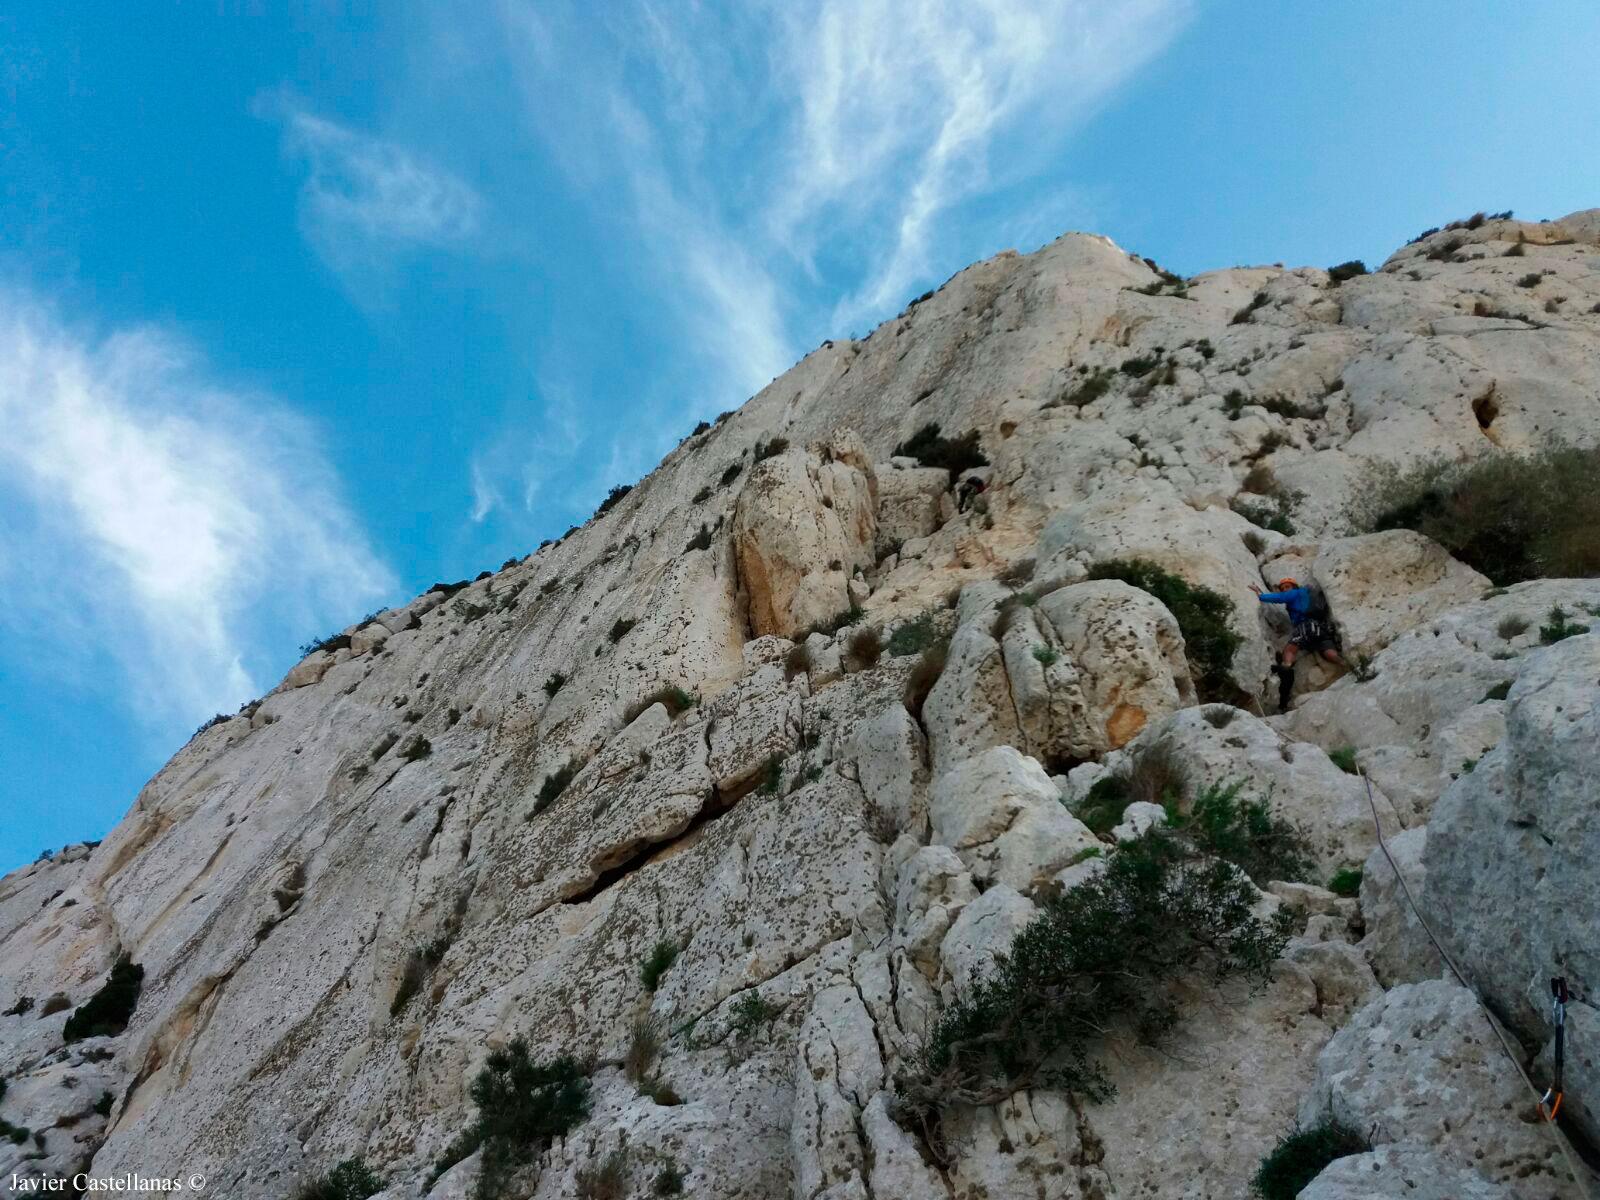 Tercer largo de la vía de escalada Pany en el Peñón de Ifach